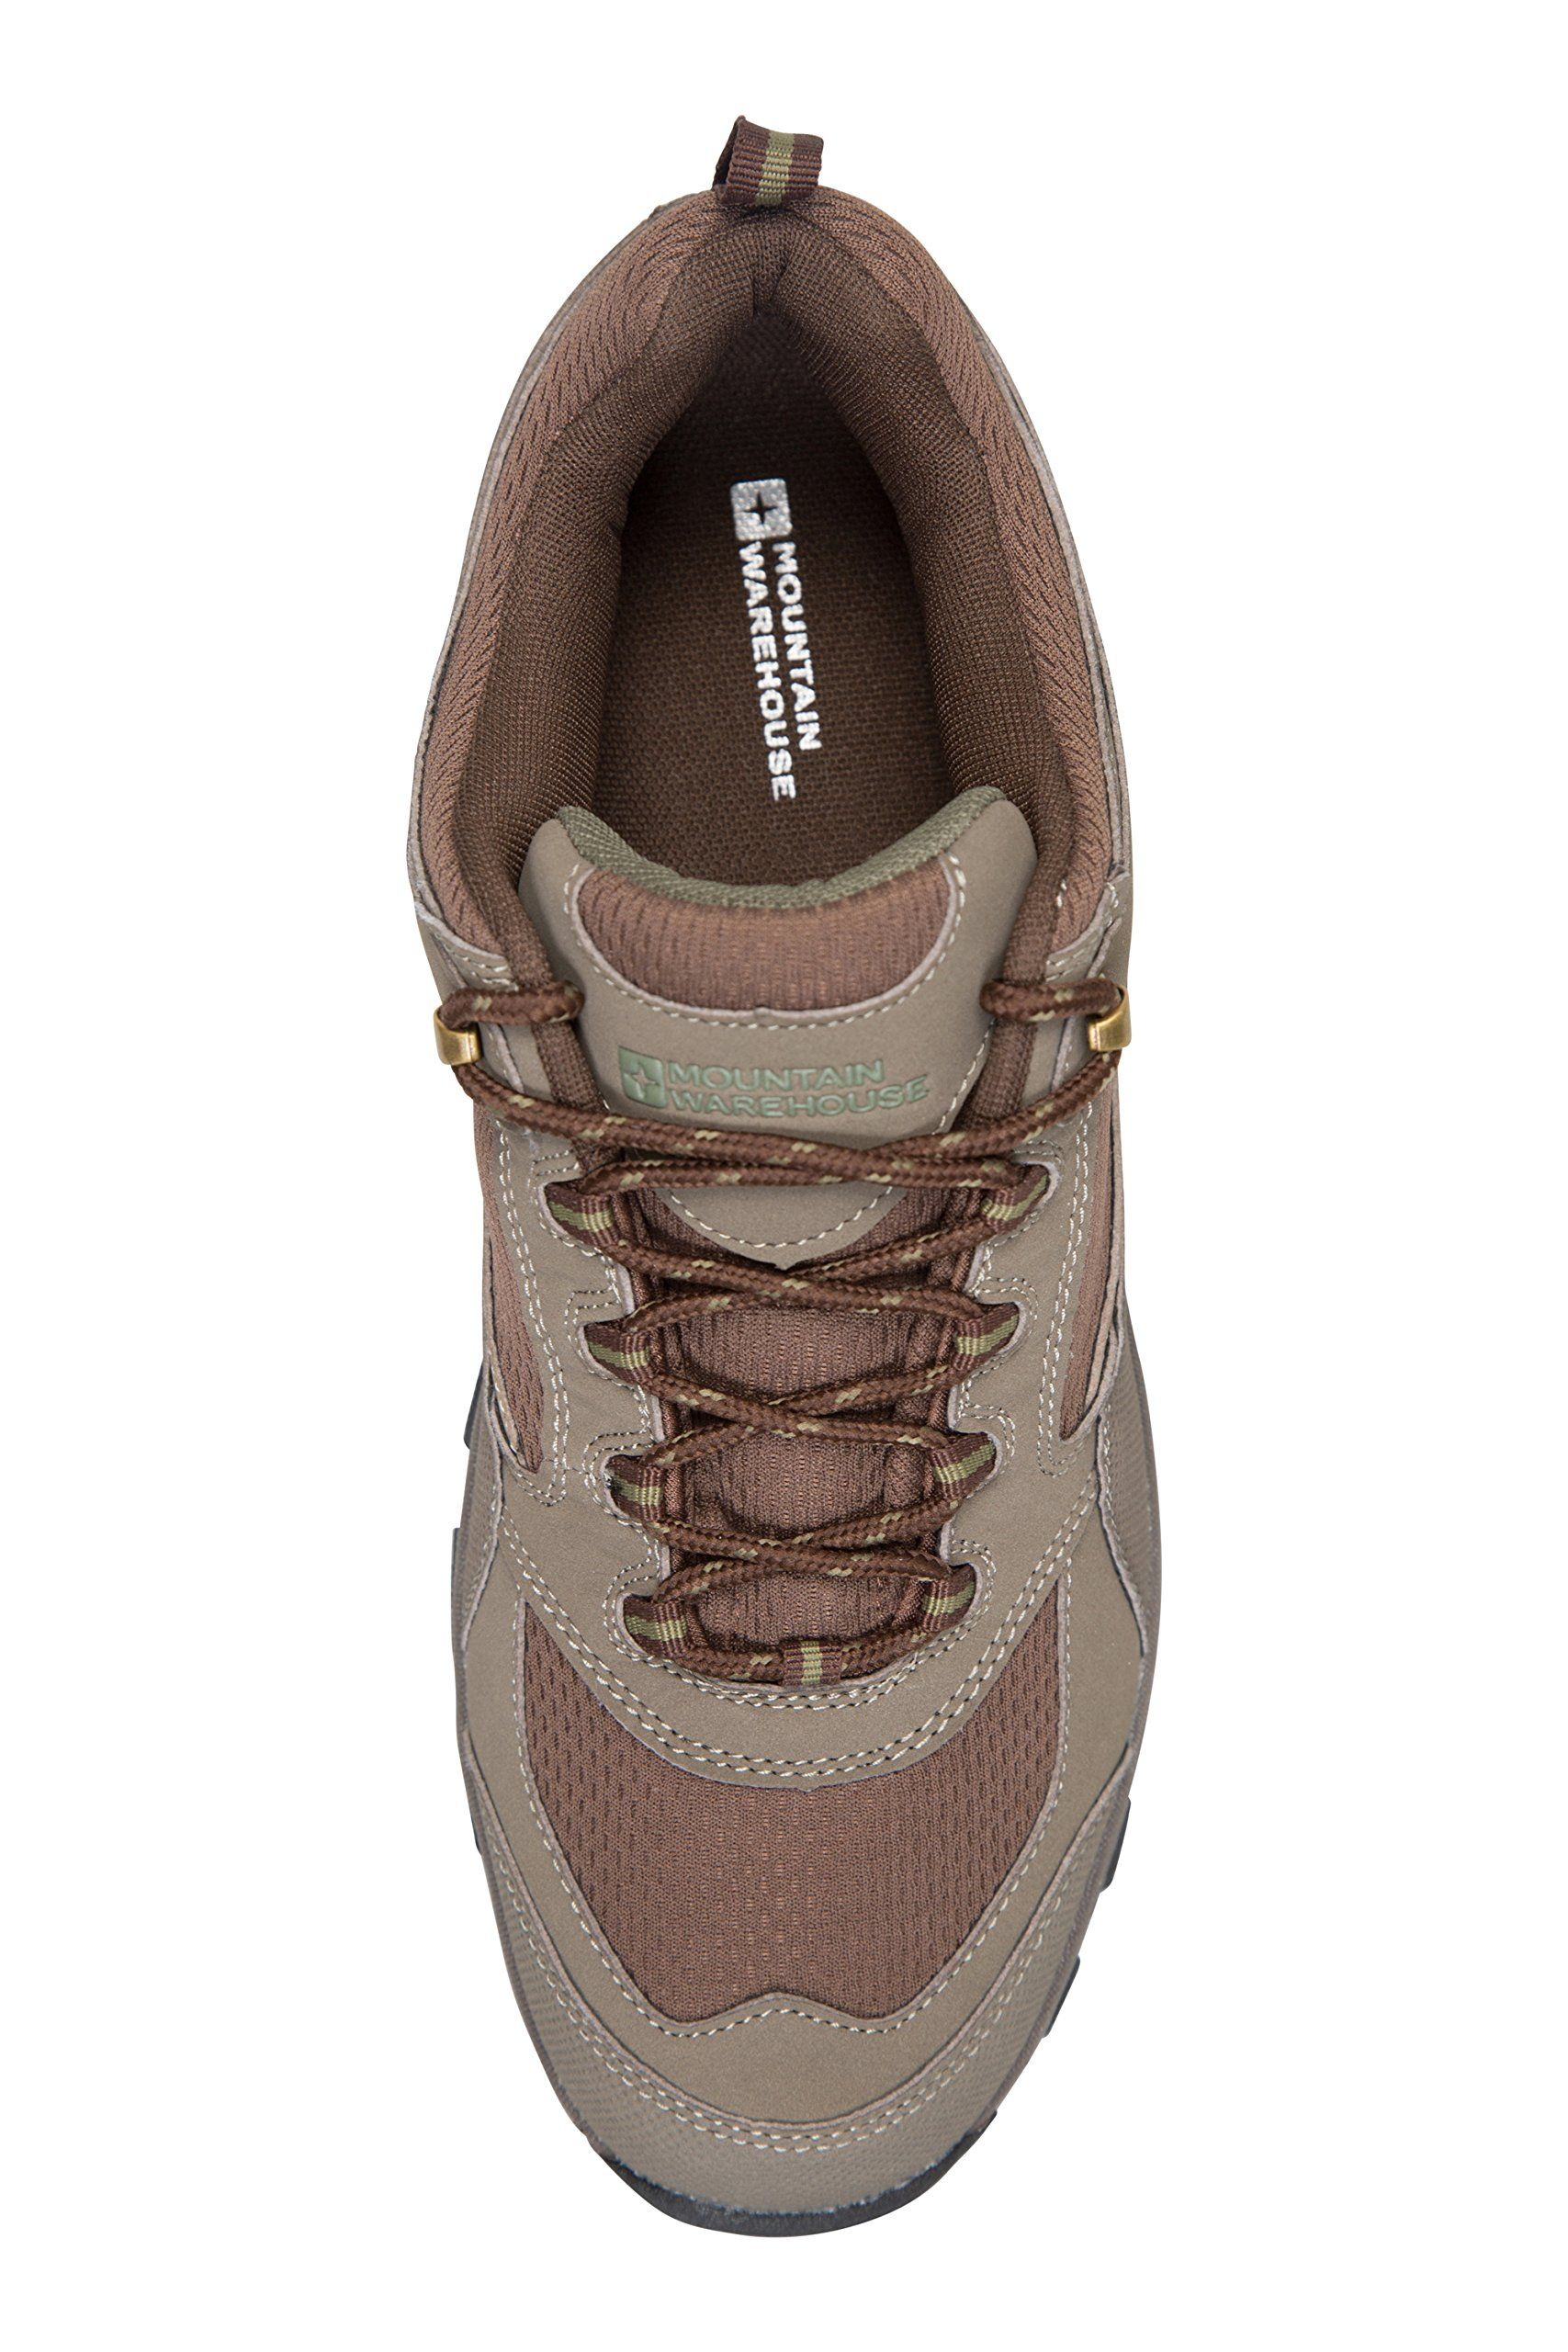 warehouse men's shoes